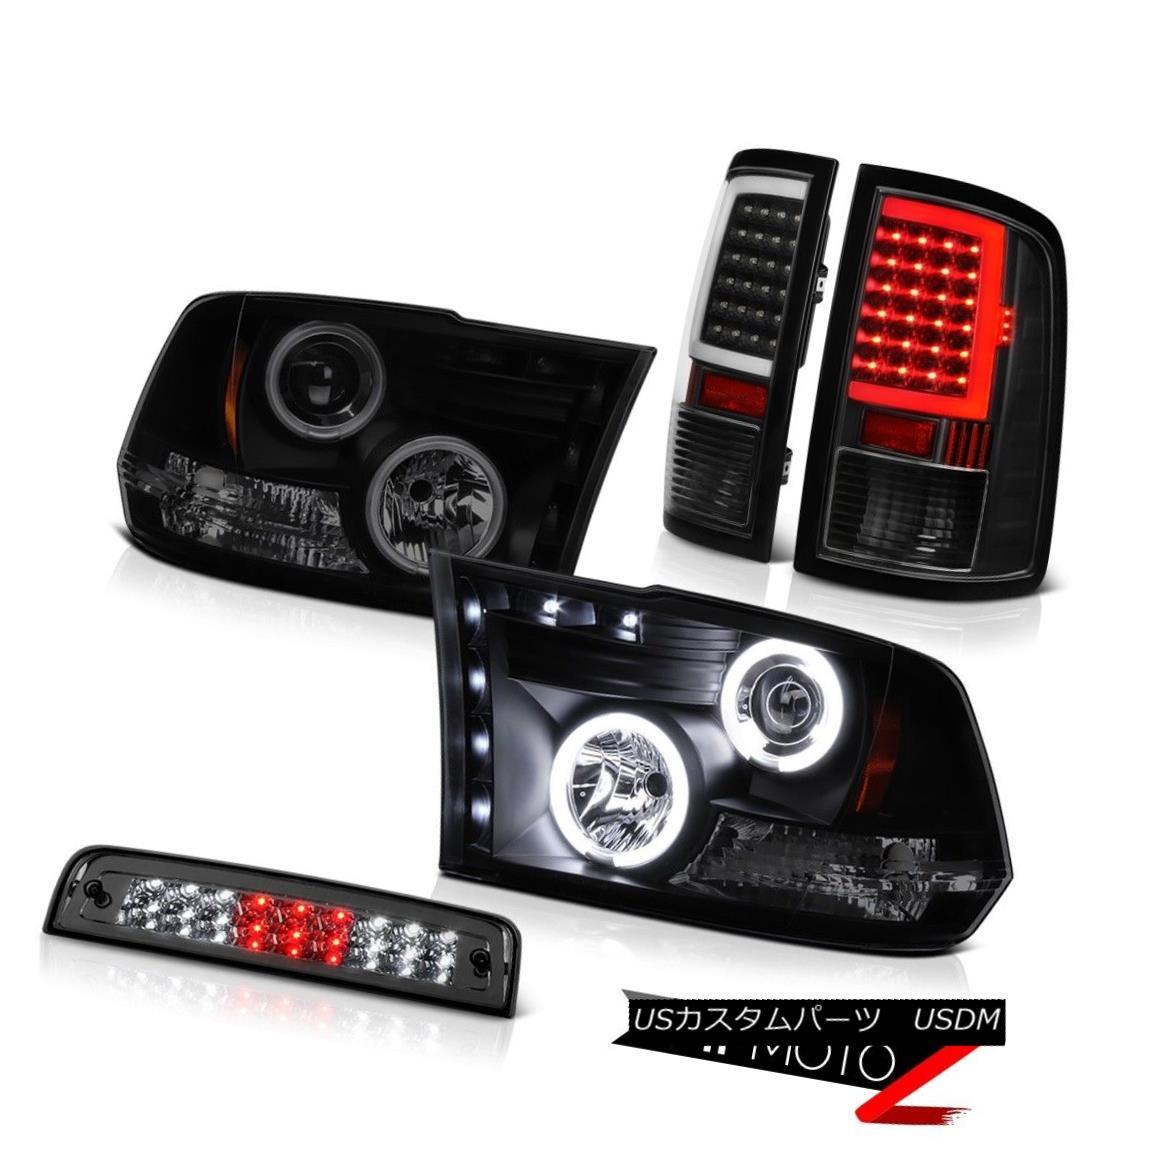 テールライト 09-16 17 18 Dodge RAM 3500 LED Tail Light Smokey Third Brake Lights Head Lamps 09-16 17 18ダッジRAM 3500 LEDテールライトスモーキー第3ブレーキライトヘッドランプ